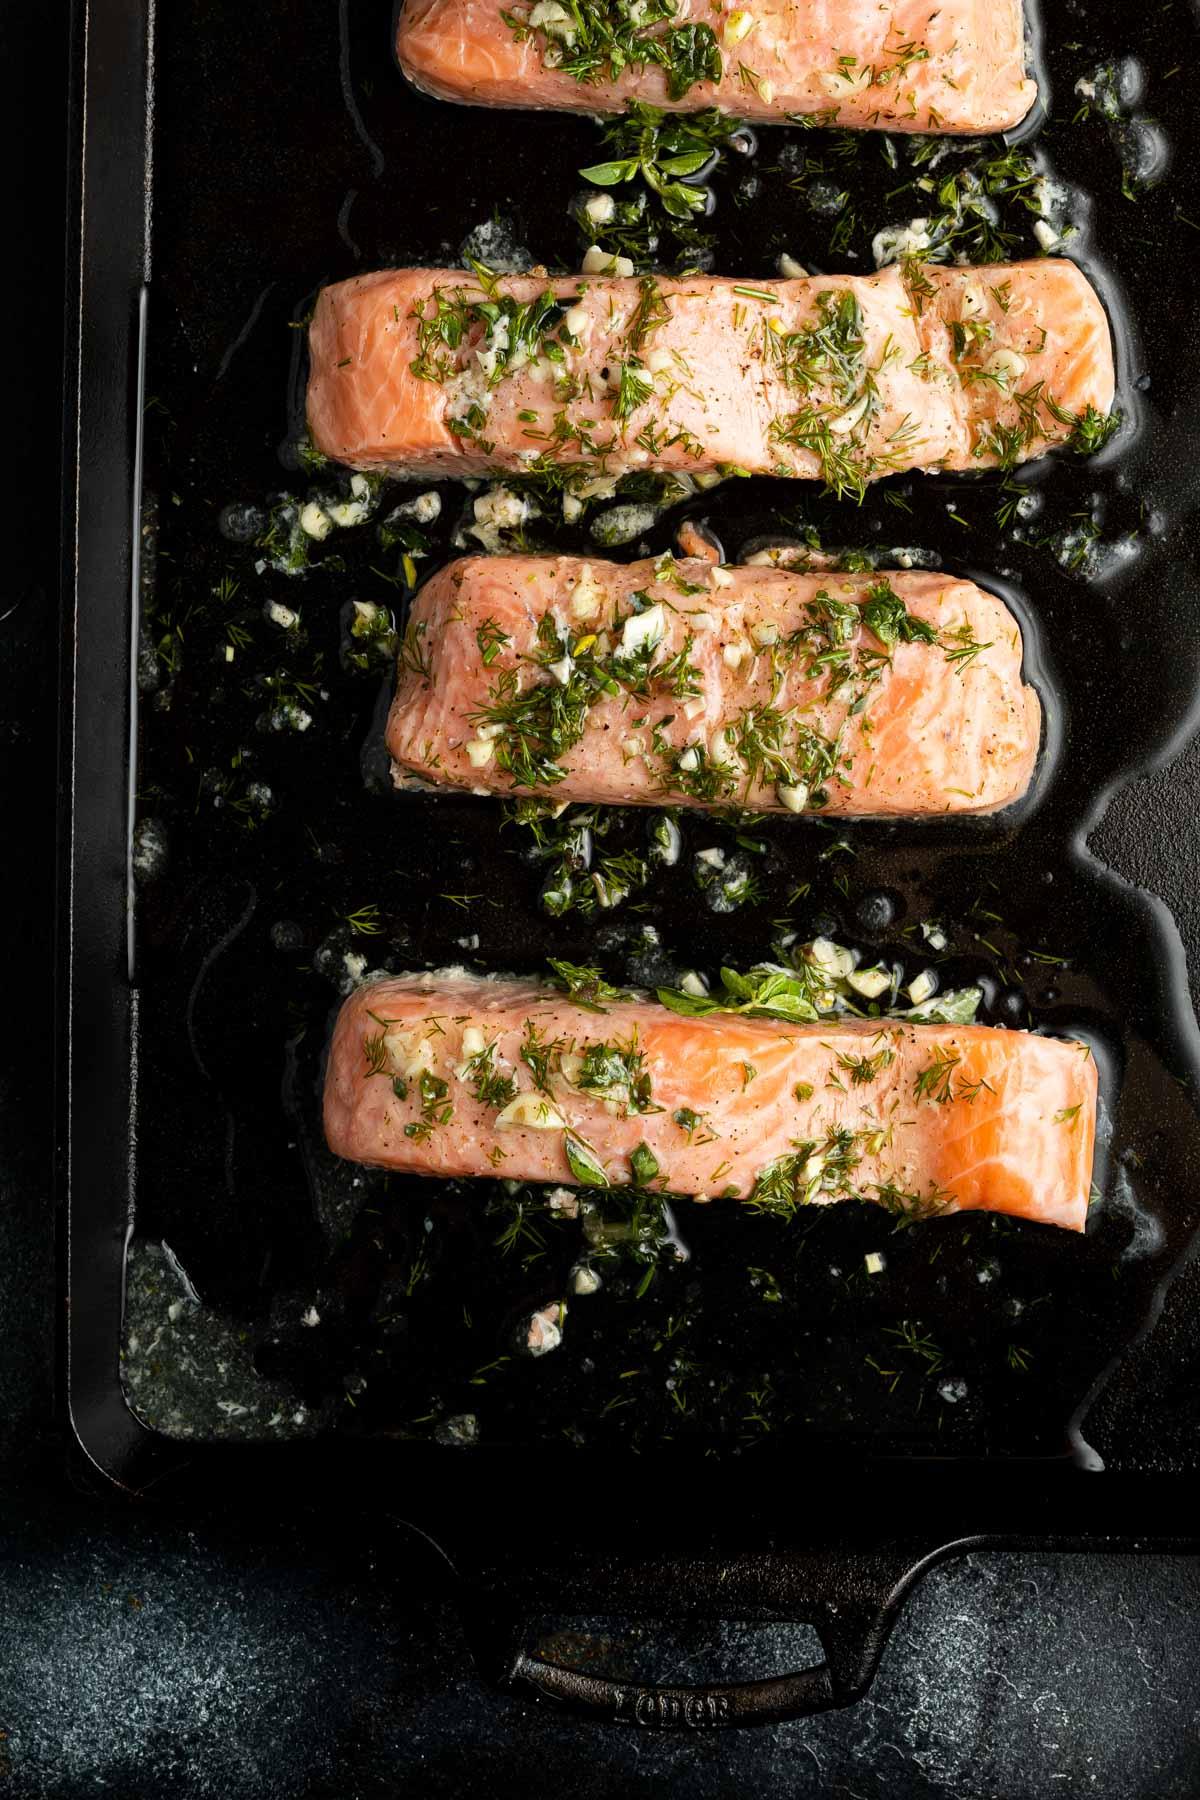 salmon on baking sheet